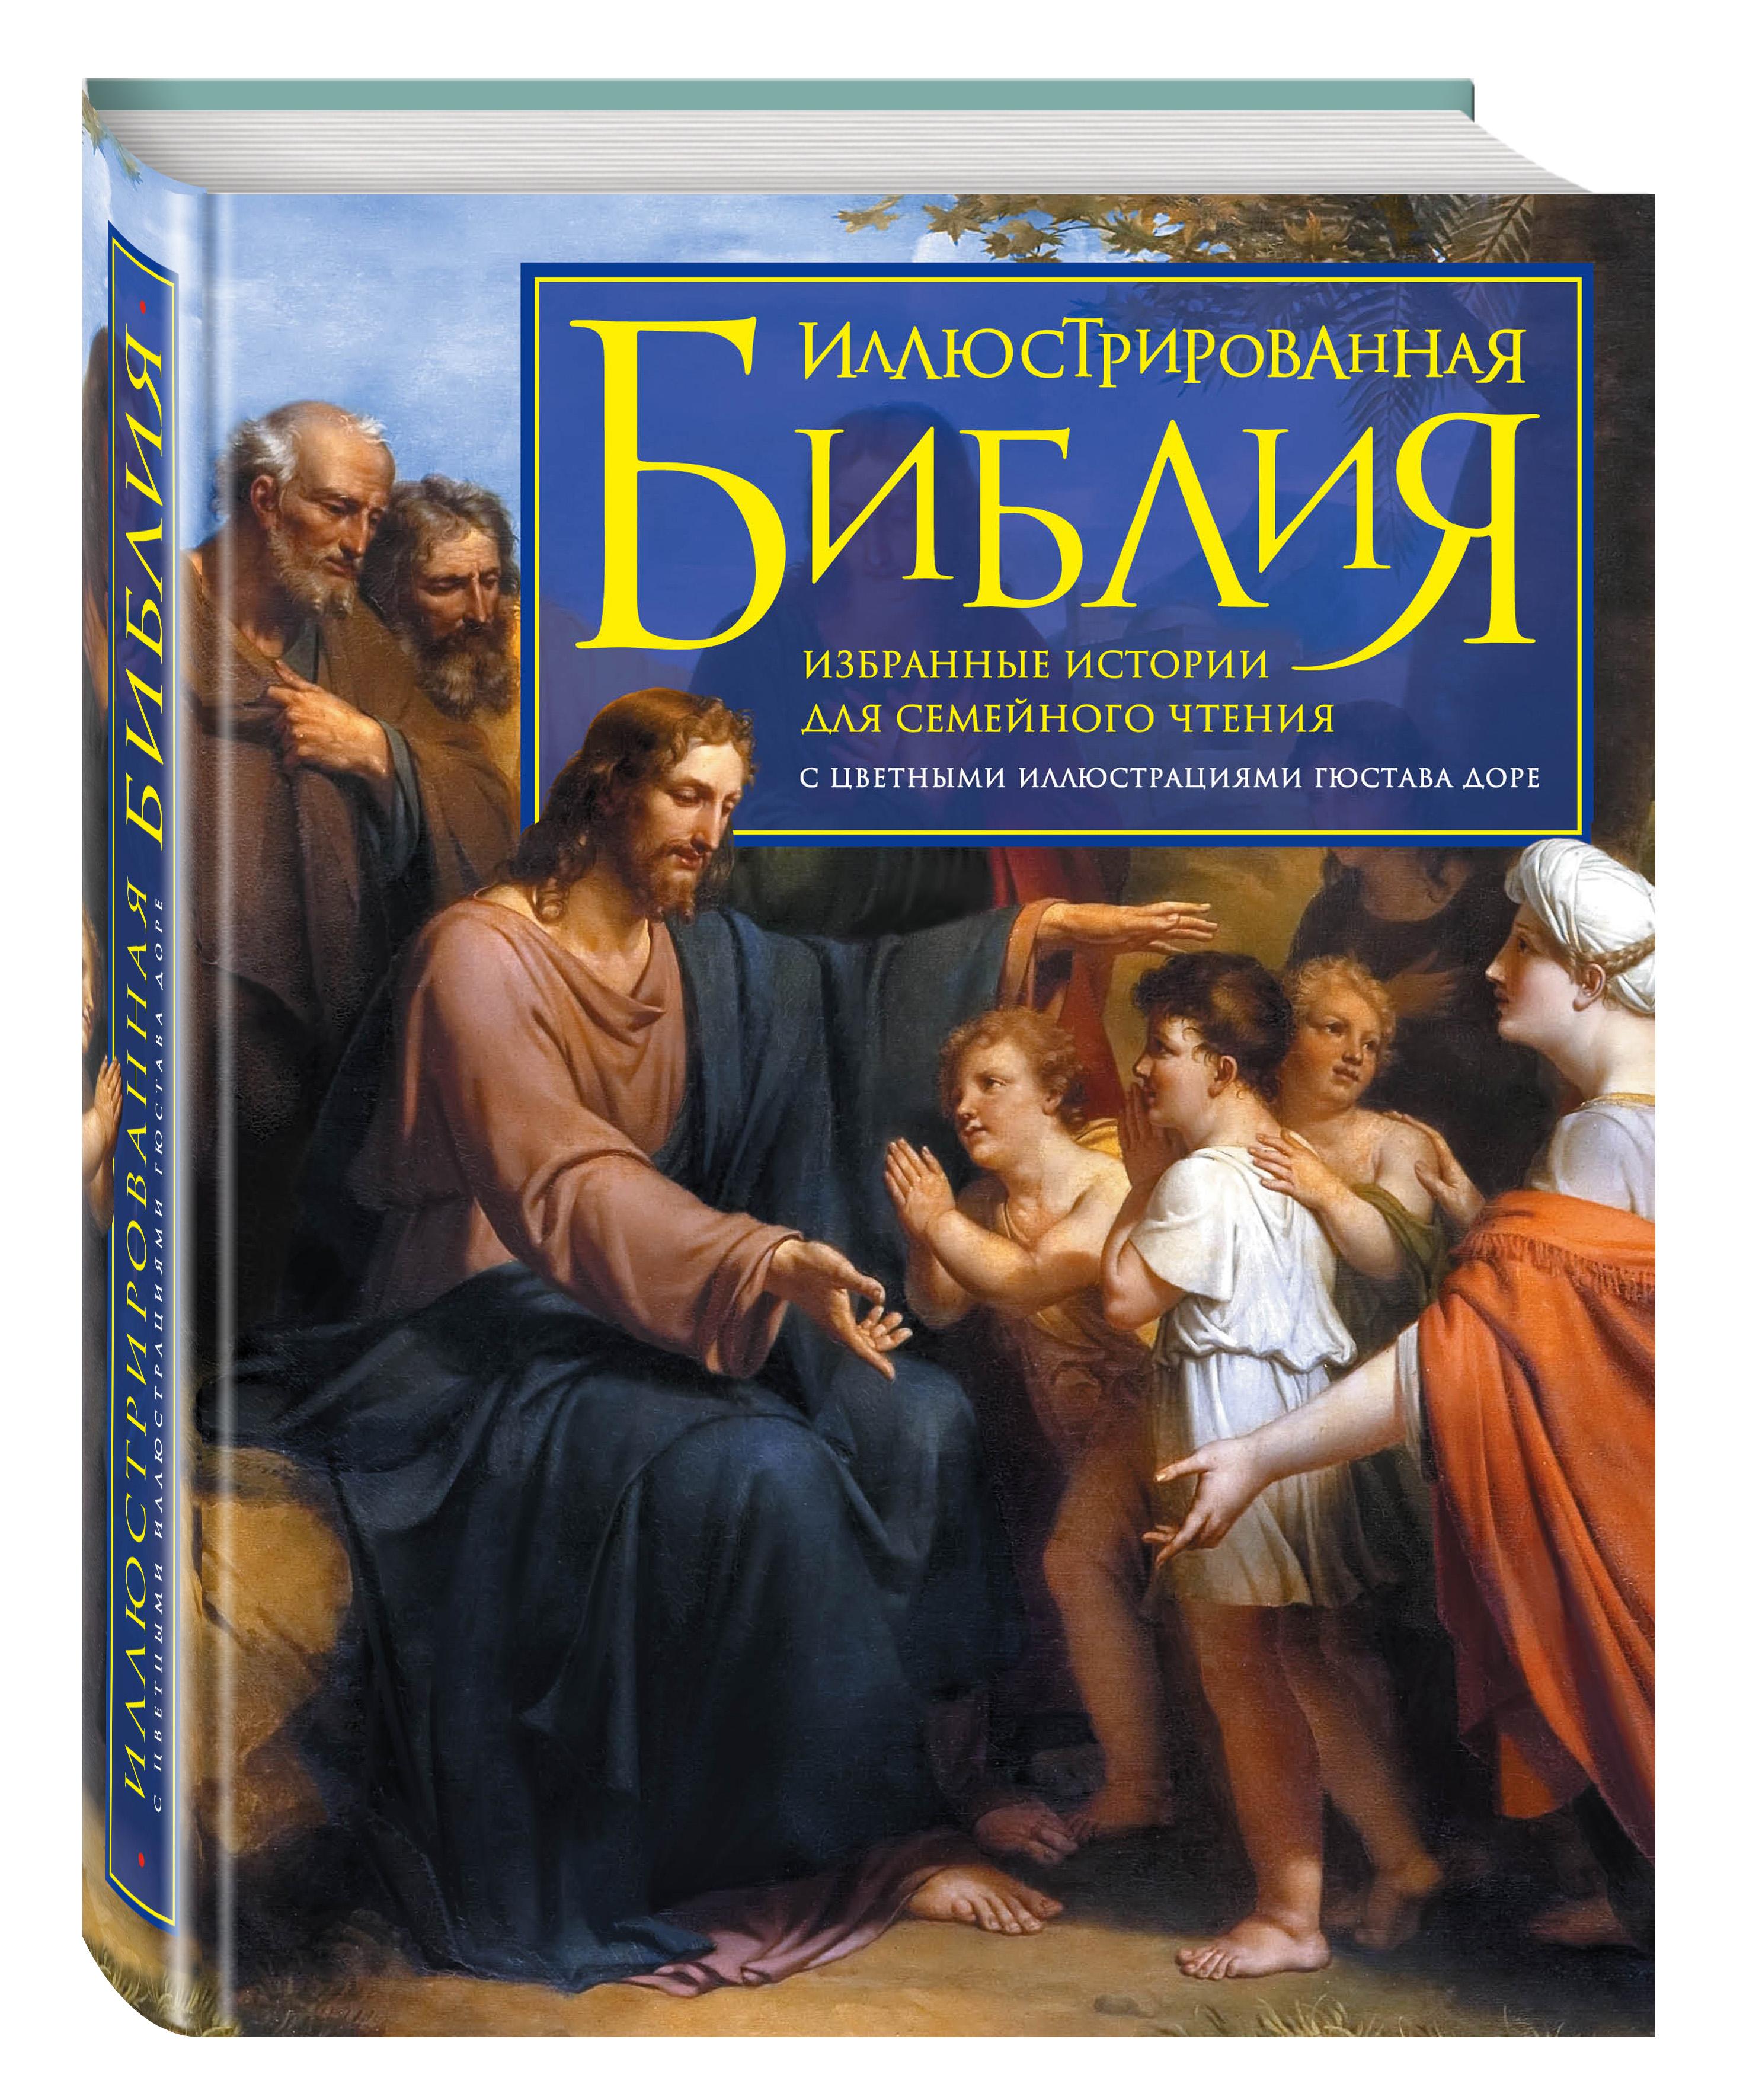 Иллюстрированная Библия. Избранные истории для семейного чтения книги эксмо иллюстрированная библия избранные истории для семейного чтения